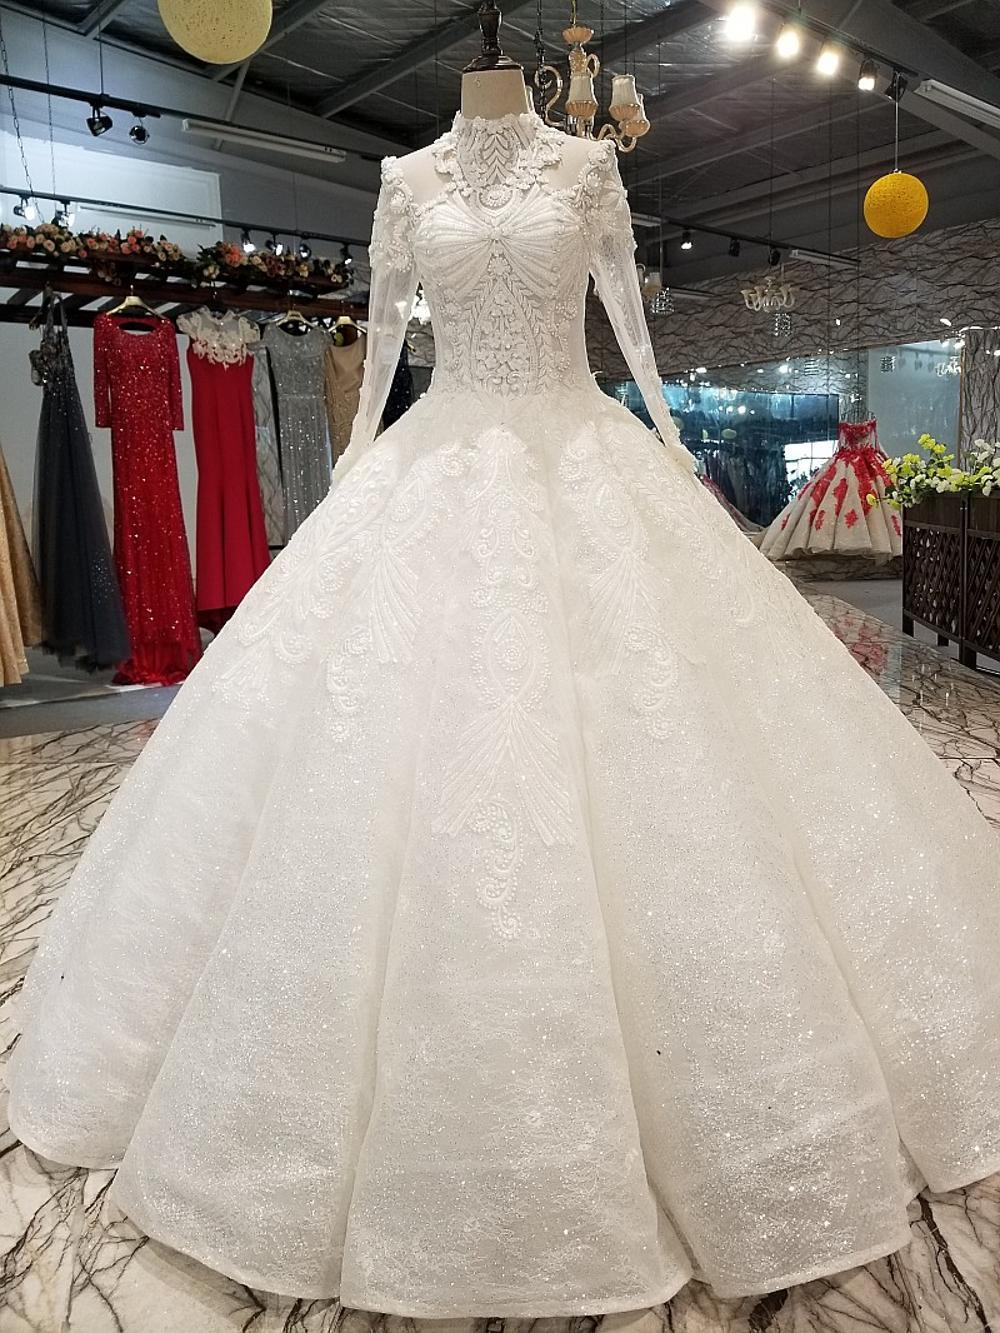 بالصور فساتين زفاف محجبات , ارقي فساتين ليلة العمر للعرائس المحجبات 2075 7